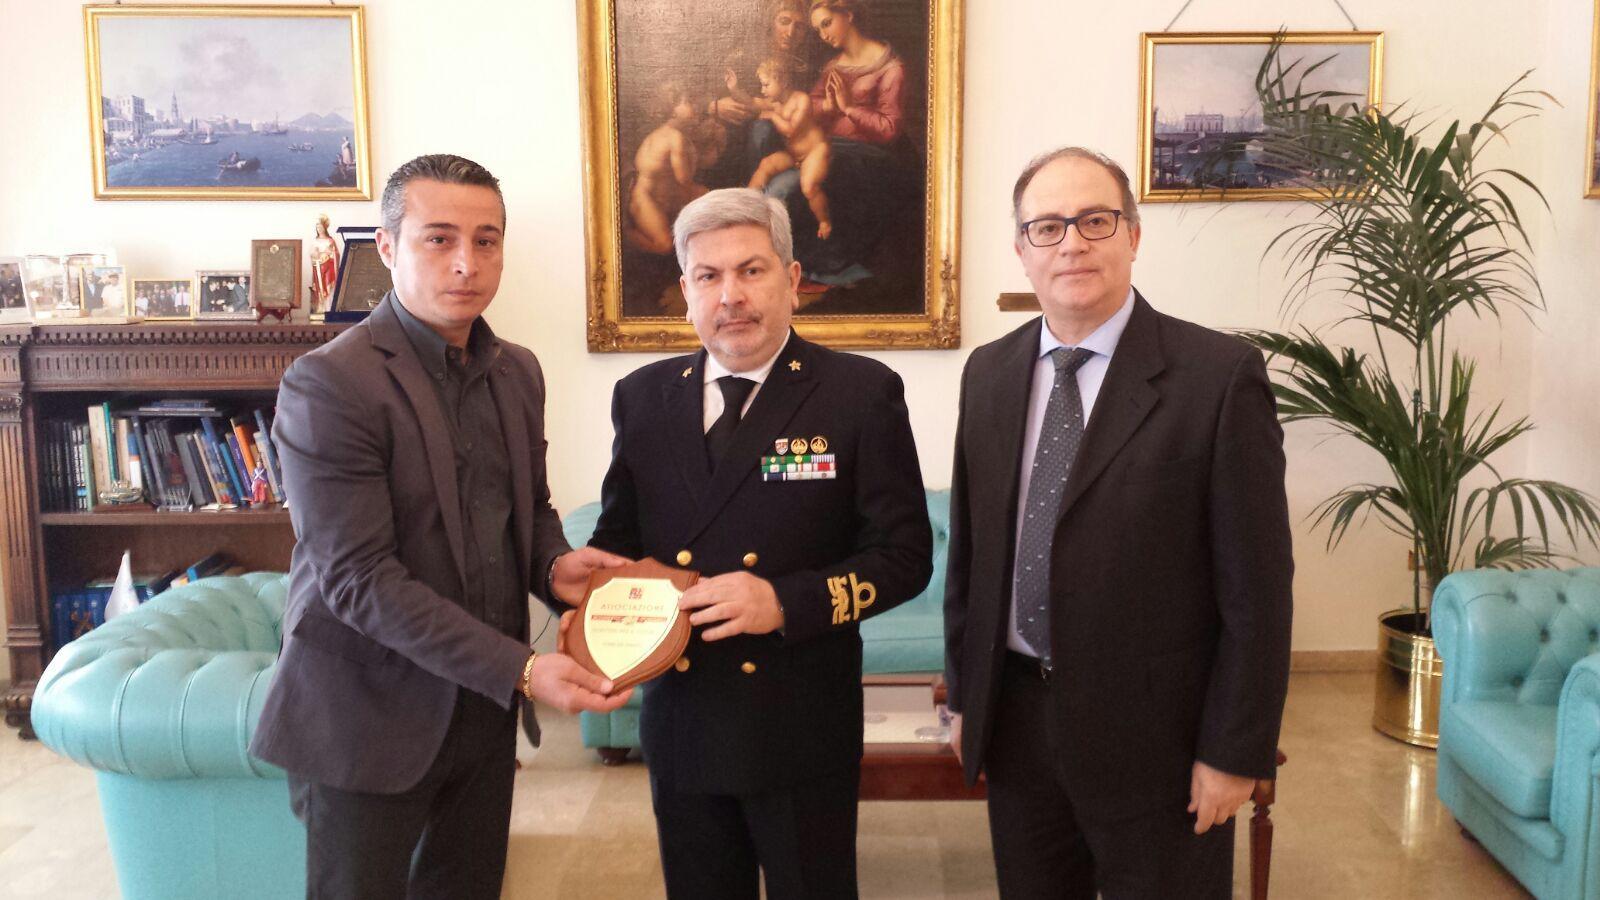 Incontro con l'Ammiraglio porto di Napoli Arturo Faraone